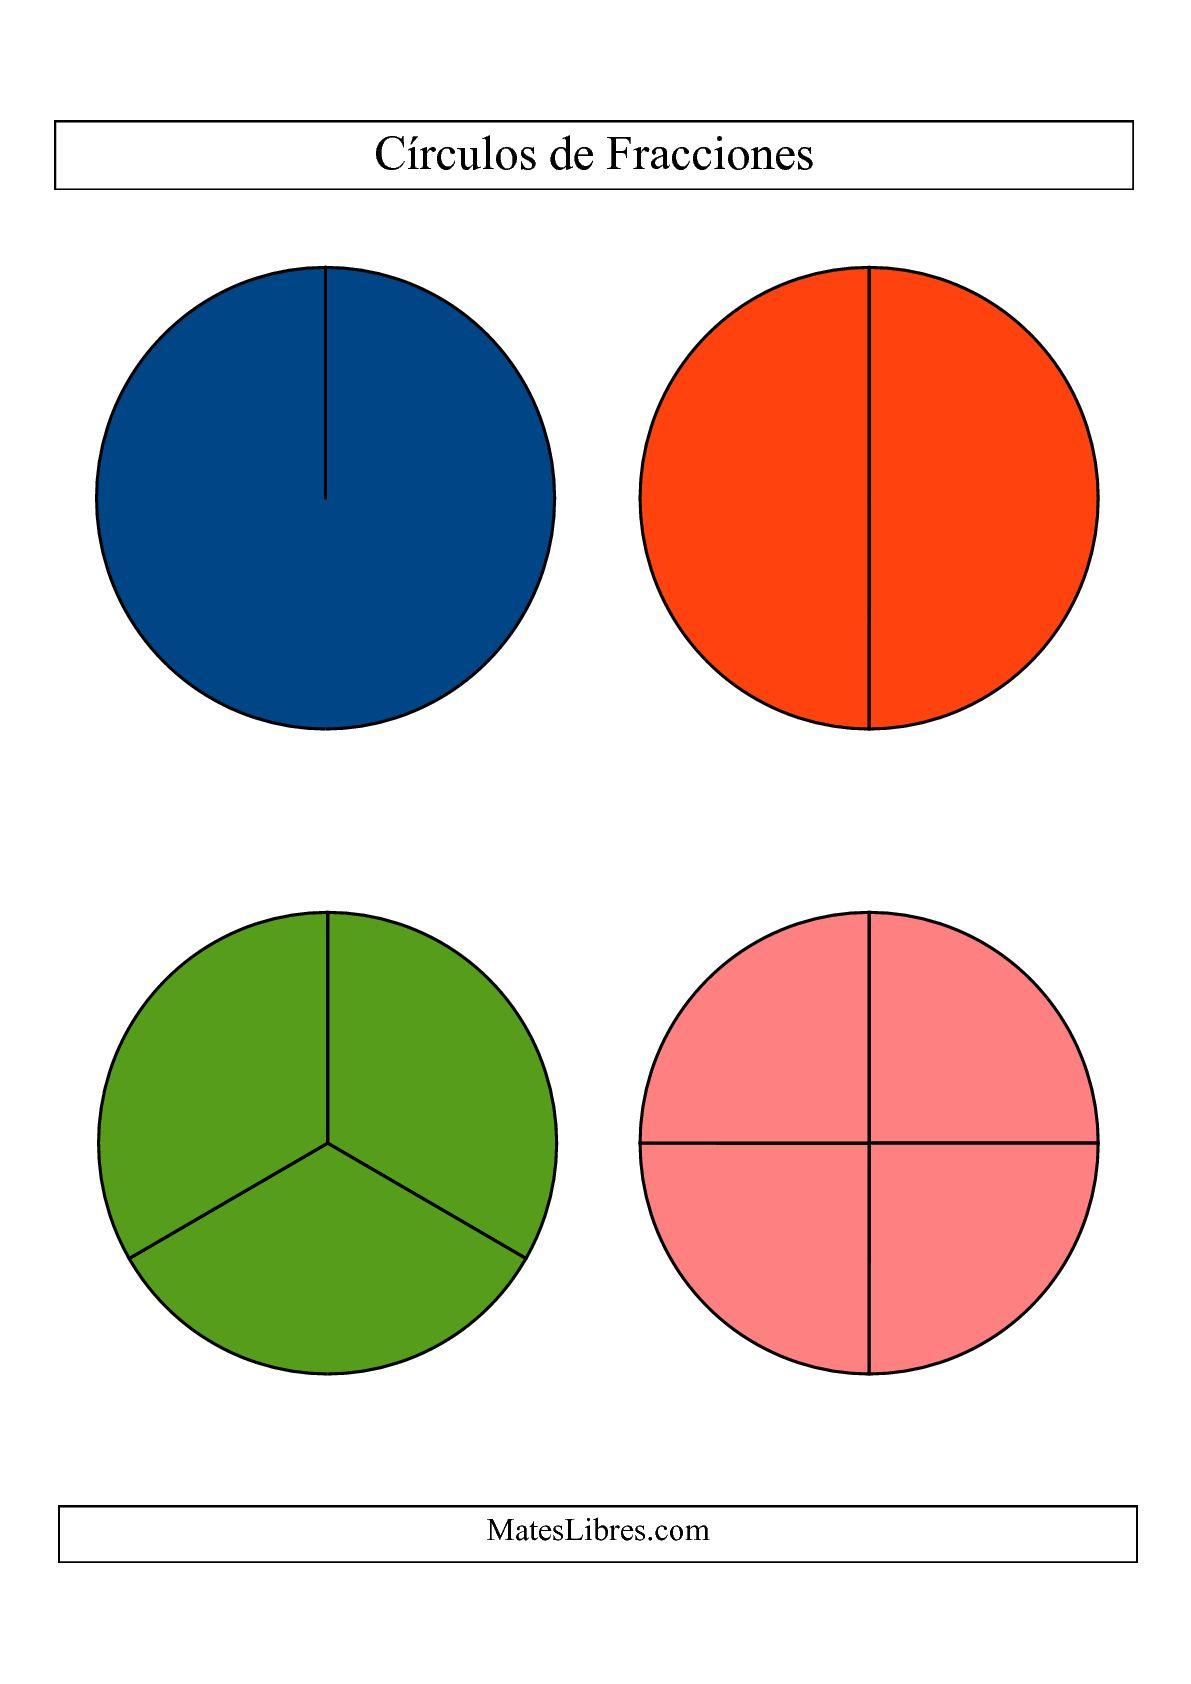 La Círculos de Colores de Fracciones sin Etiquetas (Grande) (C) Hoja de Ejercicio de Fracciones